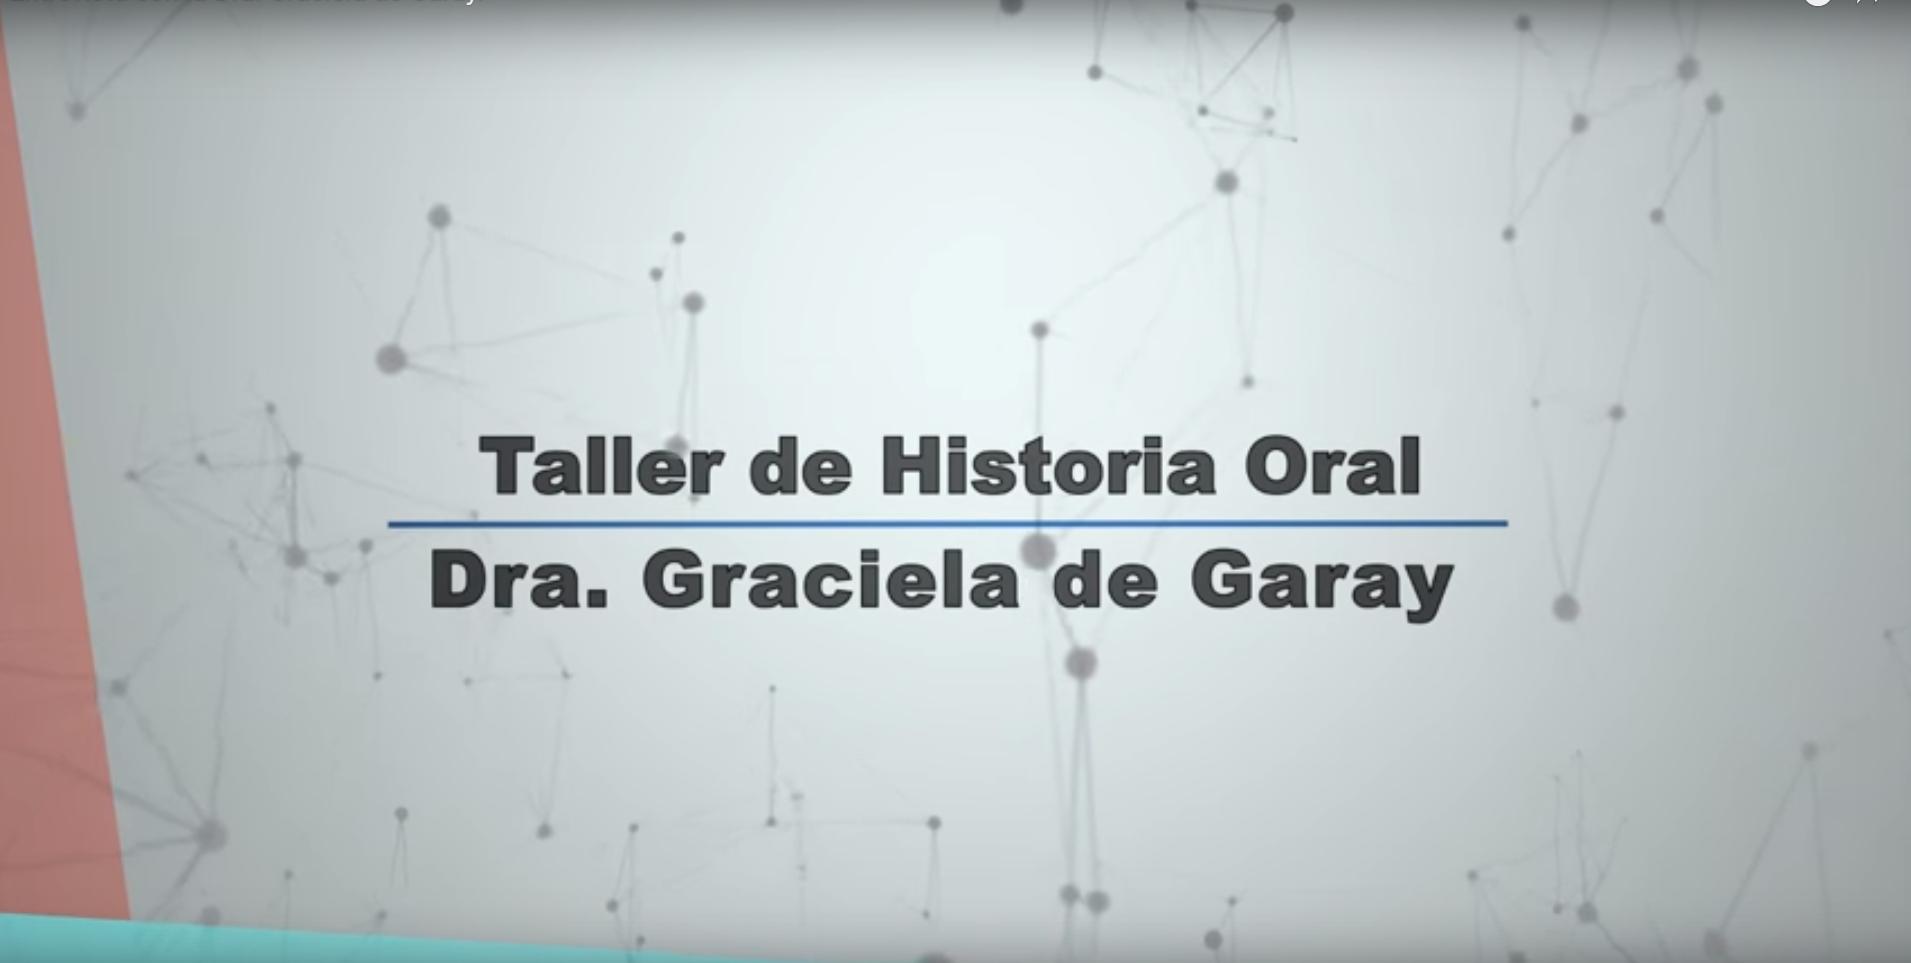 La 25° edición del Taller de Historia Oral. Entrevista con la Dra. Graciela de Garay.